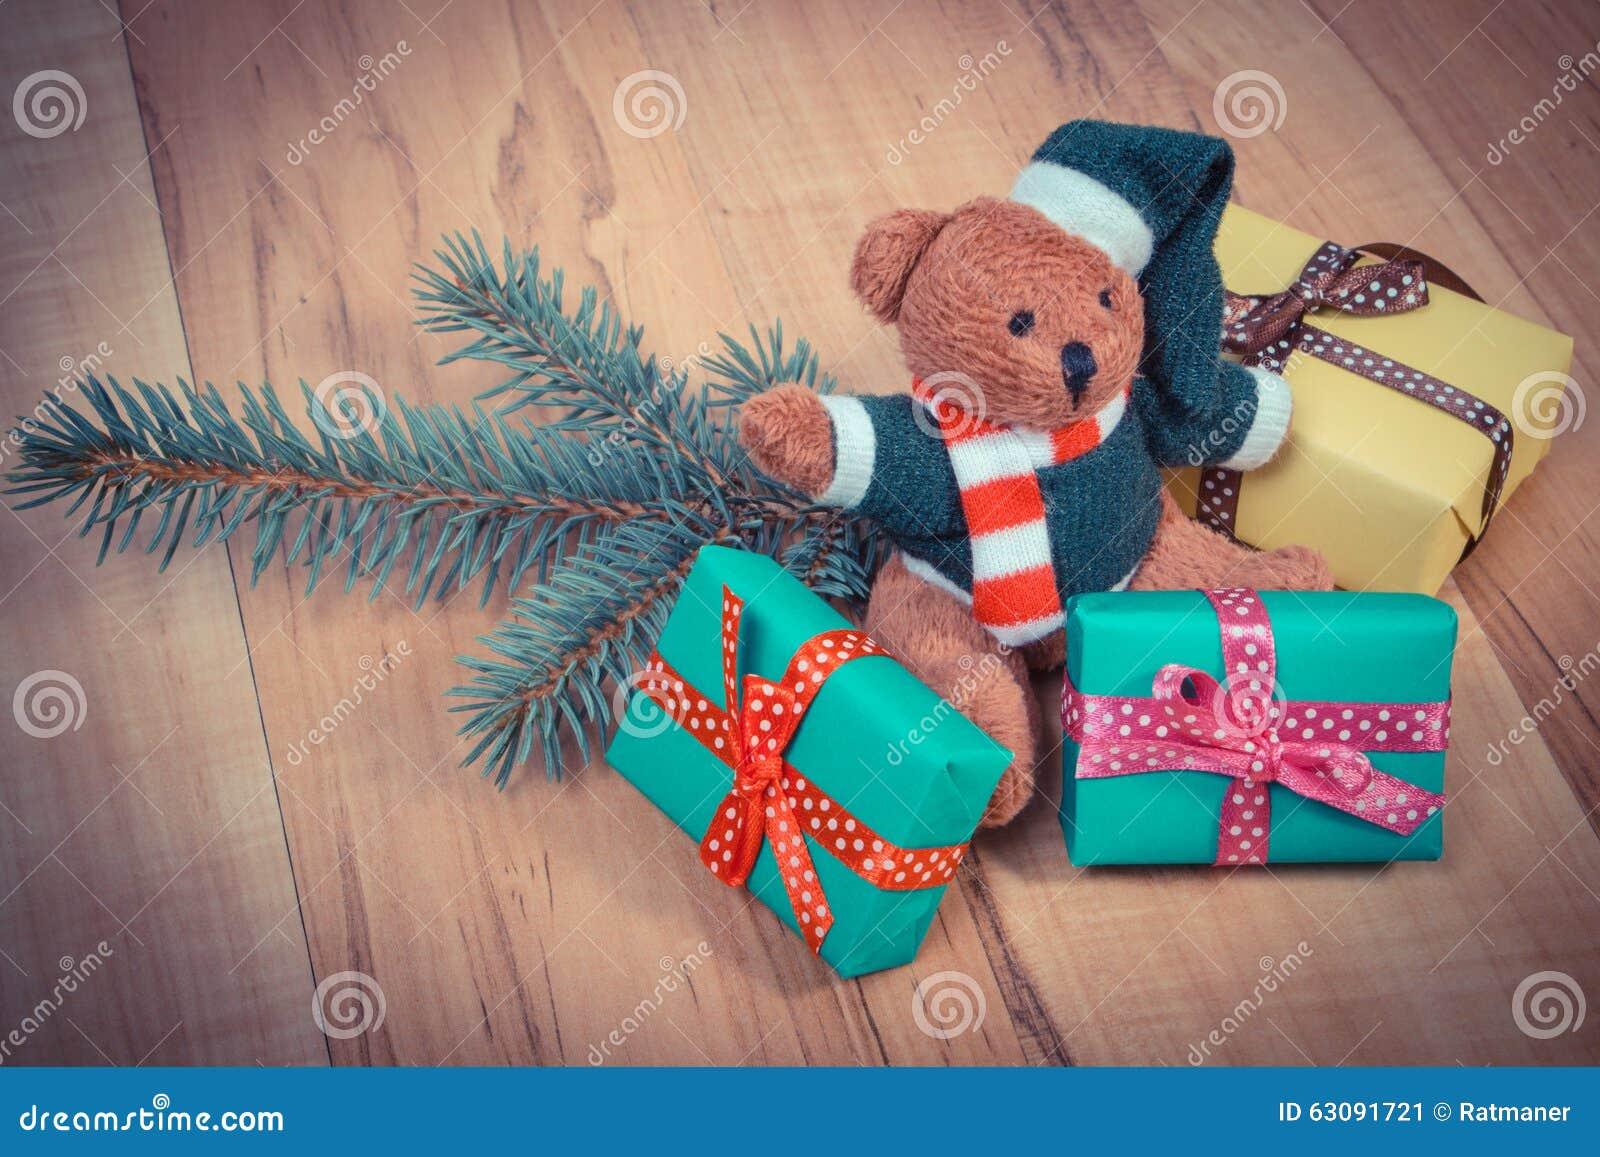 Download Photo De Vintage, Ours De Nounours Avec Les Cadeaux Colorés Pour Noël Et Branches Impeccables Image stock - Image du drôle, conifère: 63091721